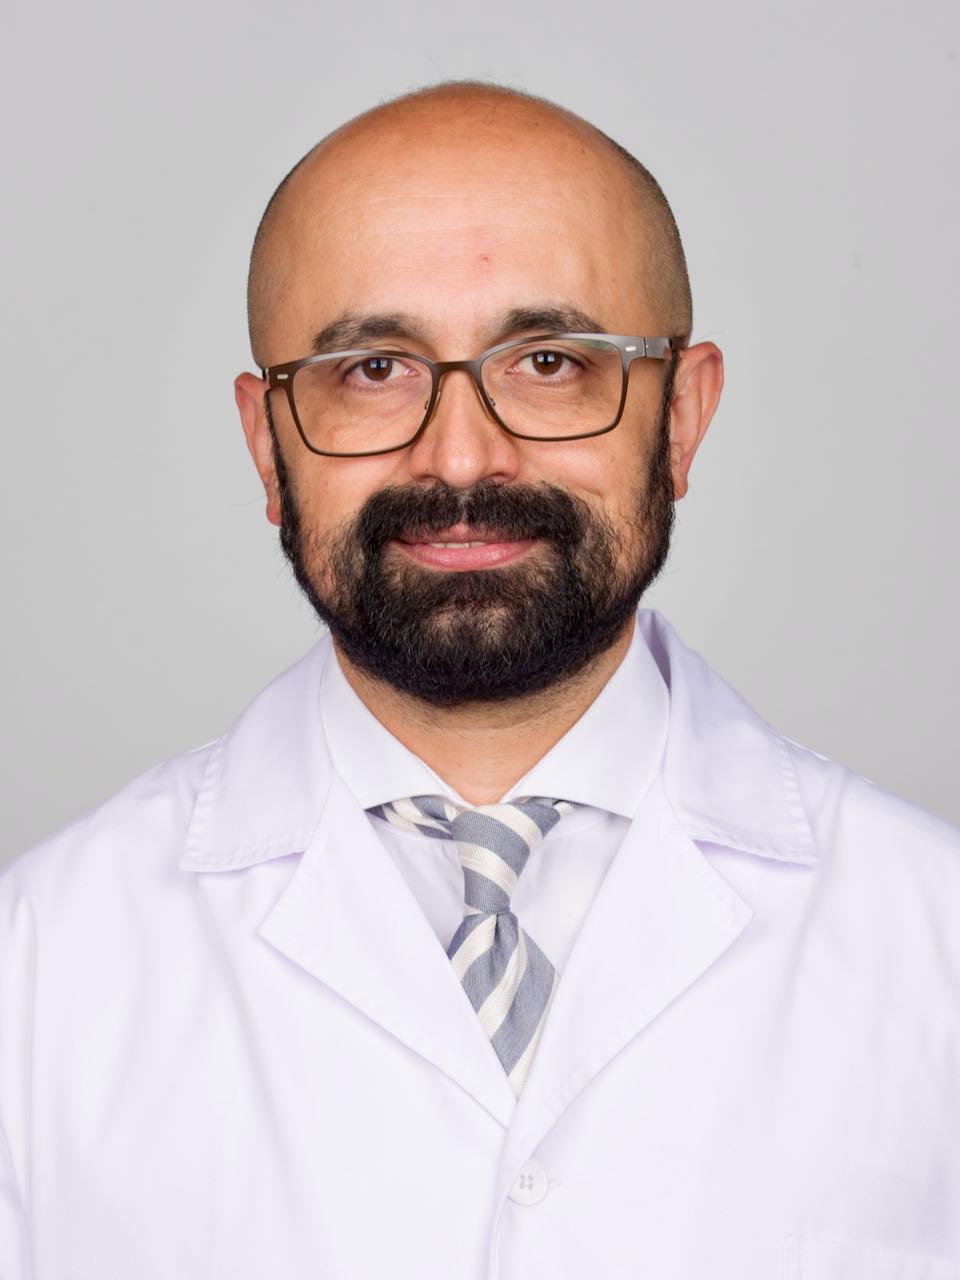 Dr. Pedro Kristian Rivera Aguilar